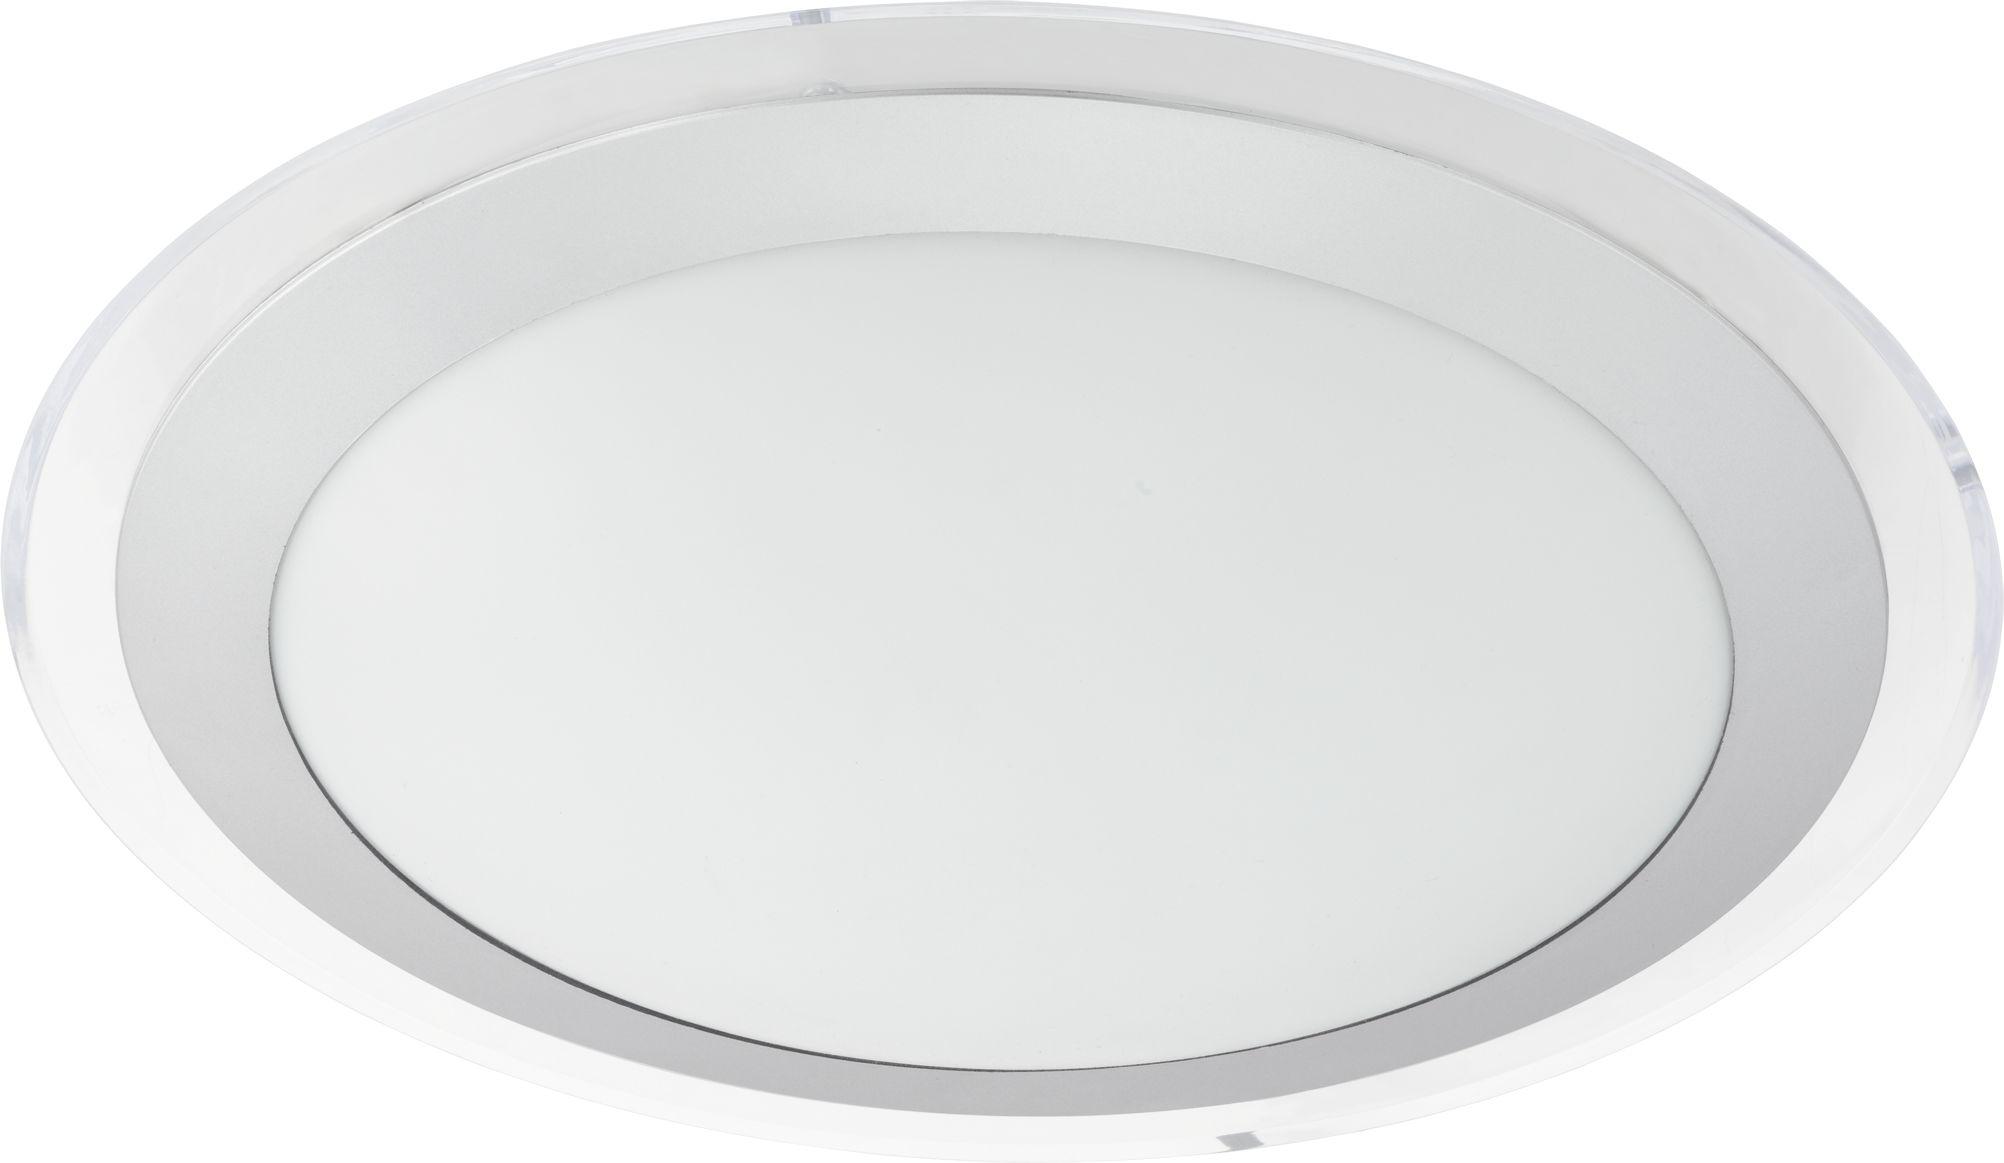 Eglo plafon, lampa sufitowa LED Competa 1 95677 - SUPER OFERTA - RABAT w koszyku